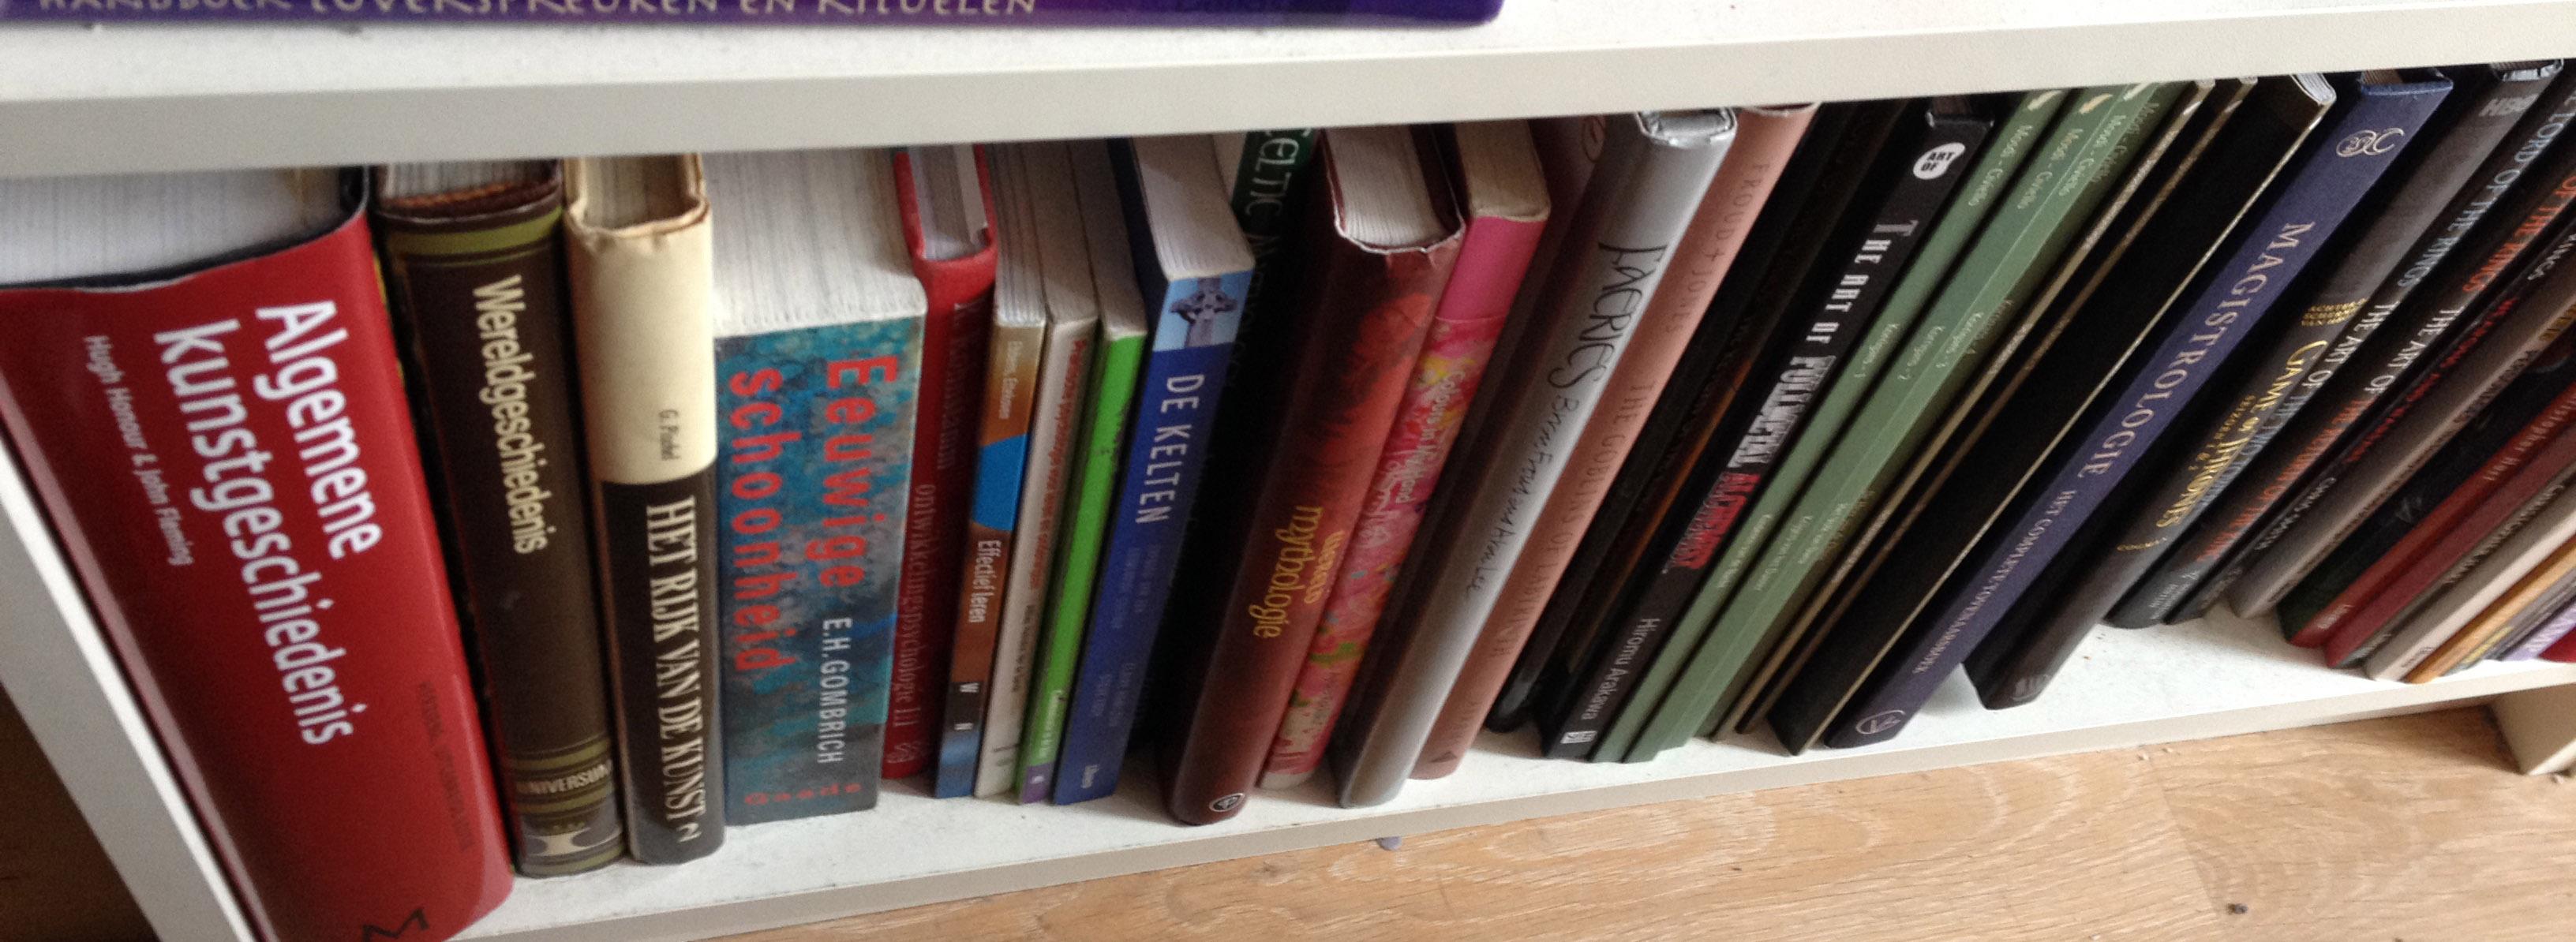 Hierboven Zie Je Een Plank Met Naslagwerken En Graphic Novels..Ook Mijn  (kunst)historische Boeken Staan Er Tussen. Hier Staan Echt Wat Super Mooie  Boeken ...